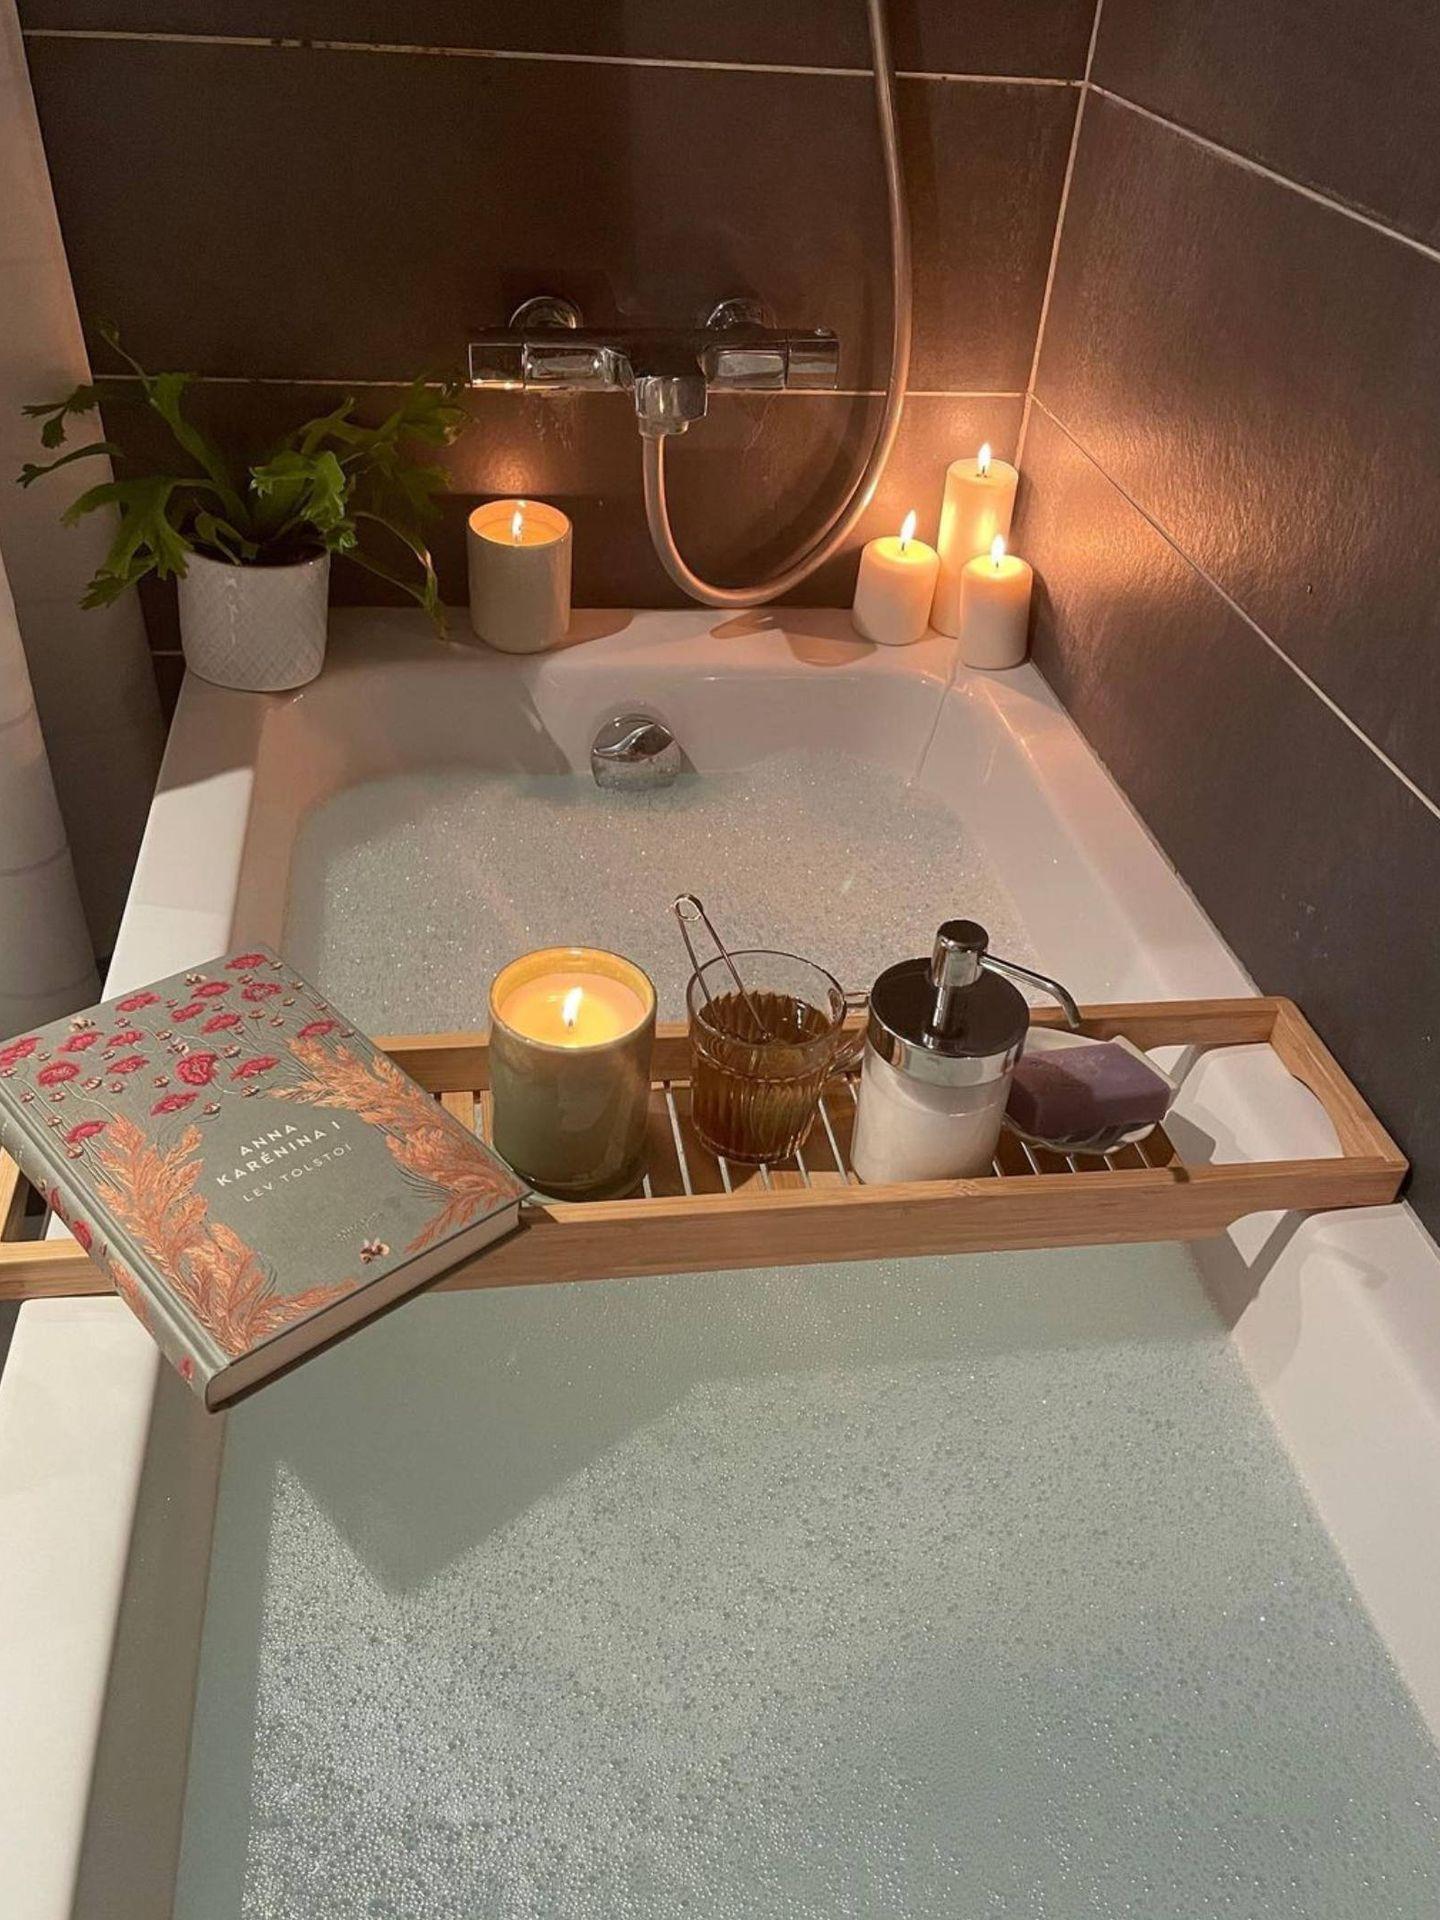 El spa en el dormitorio que nos proponen Ikea y Ana Noguera. (Instagram @vanillaandco_)